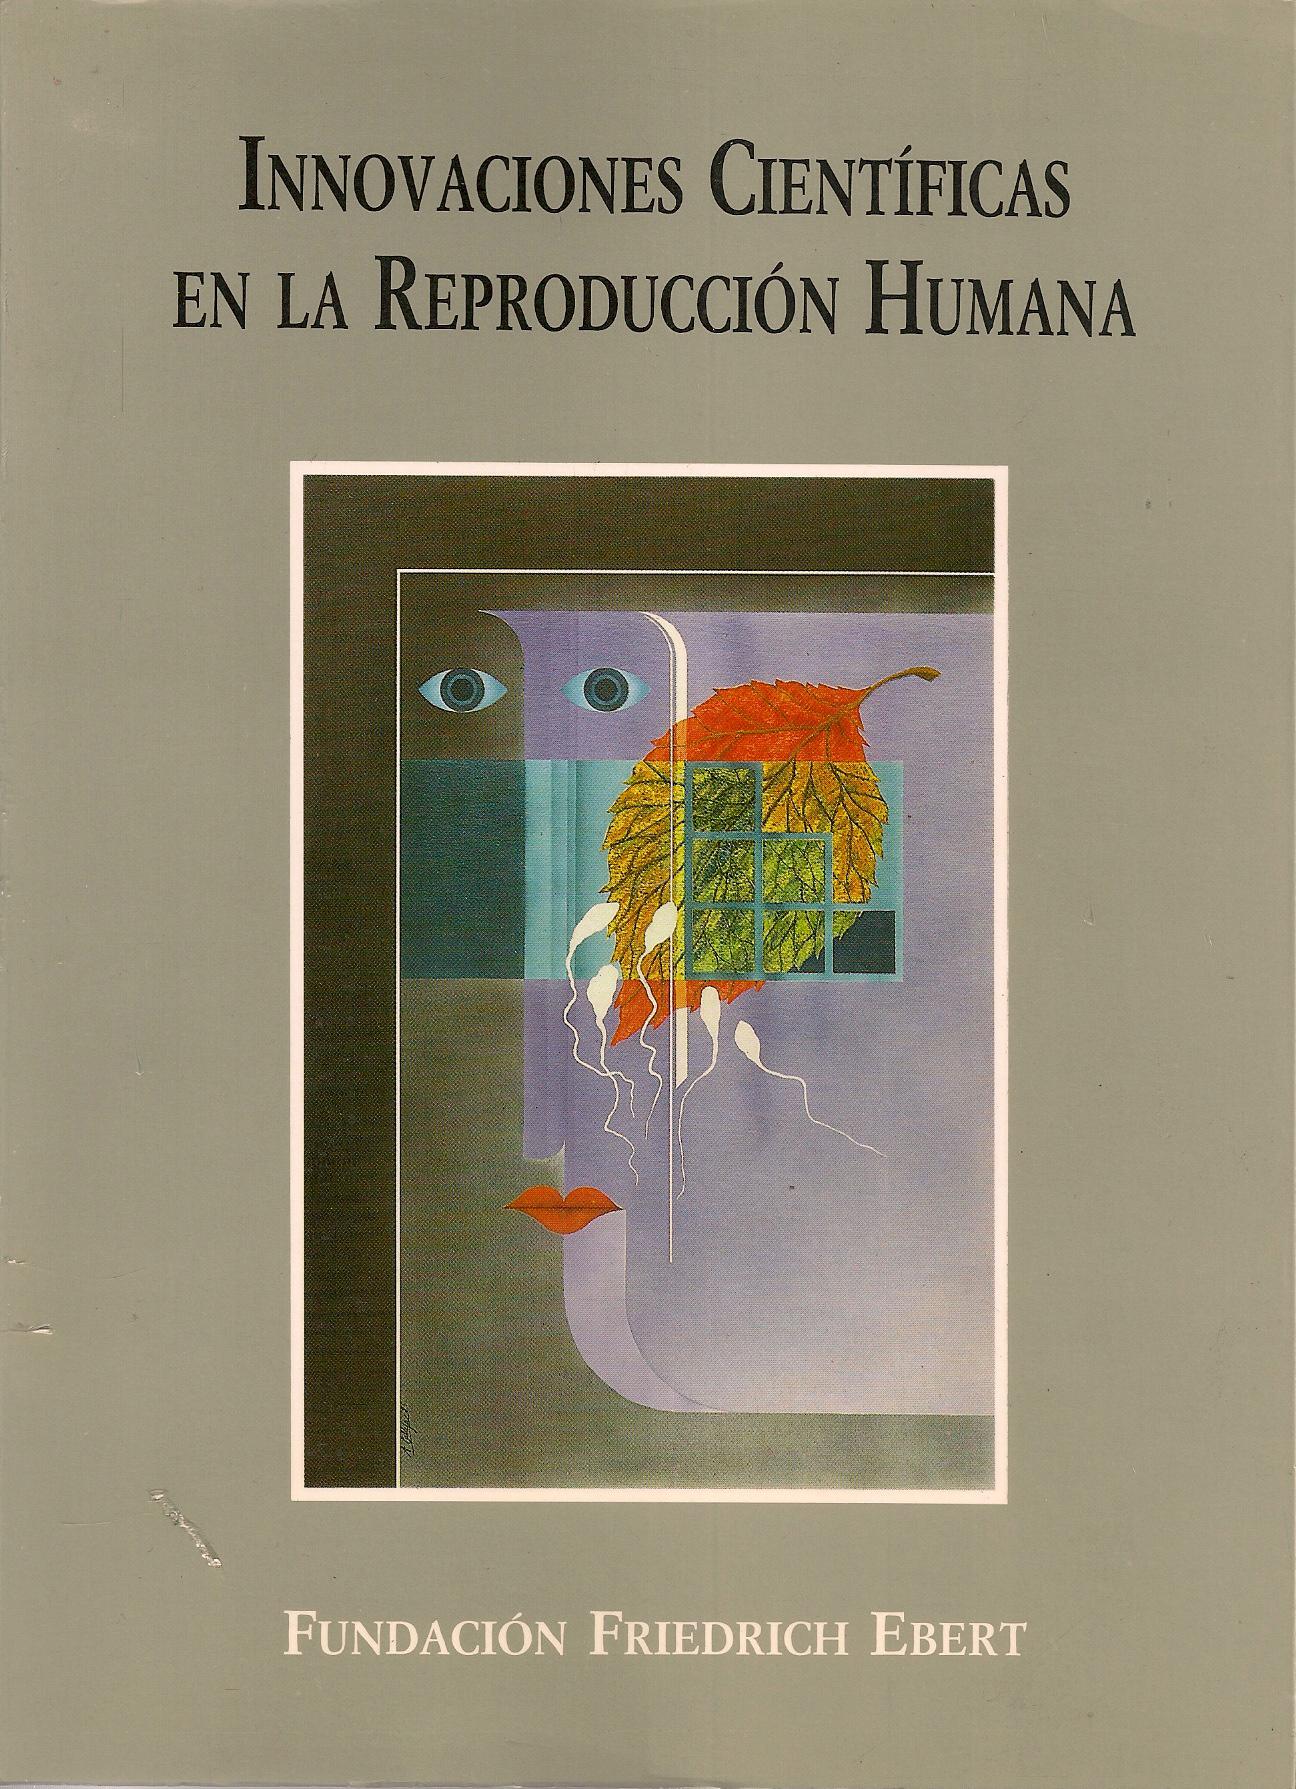 Innovaciones científicas en la reproducción humana